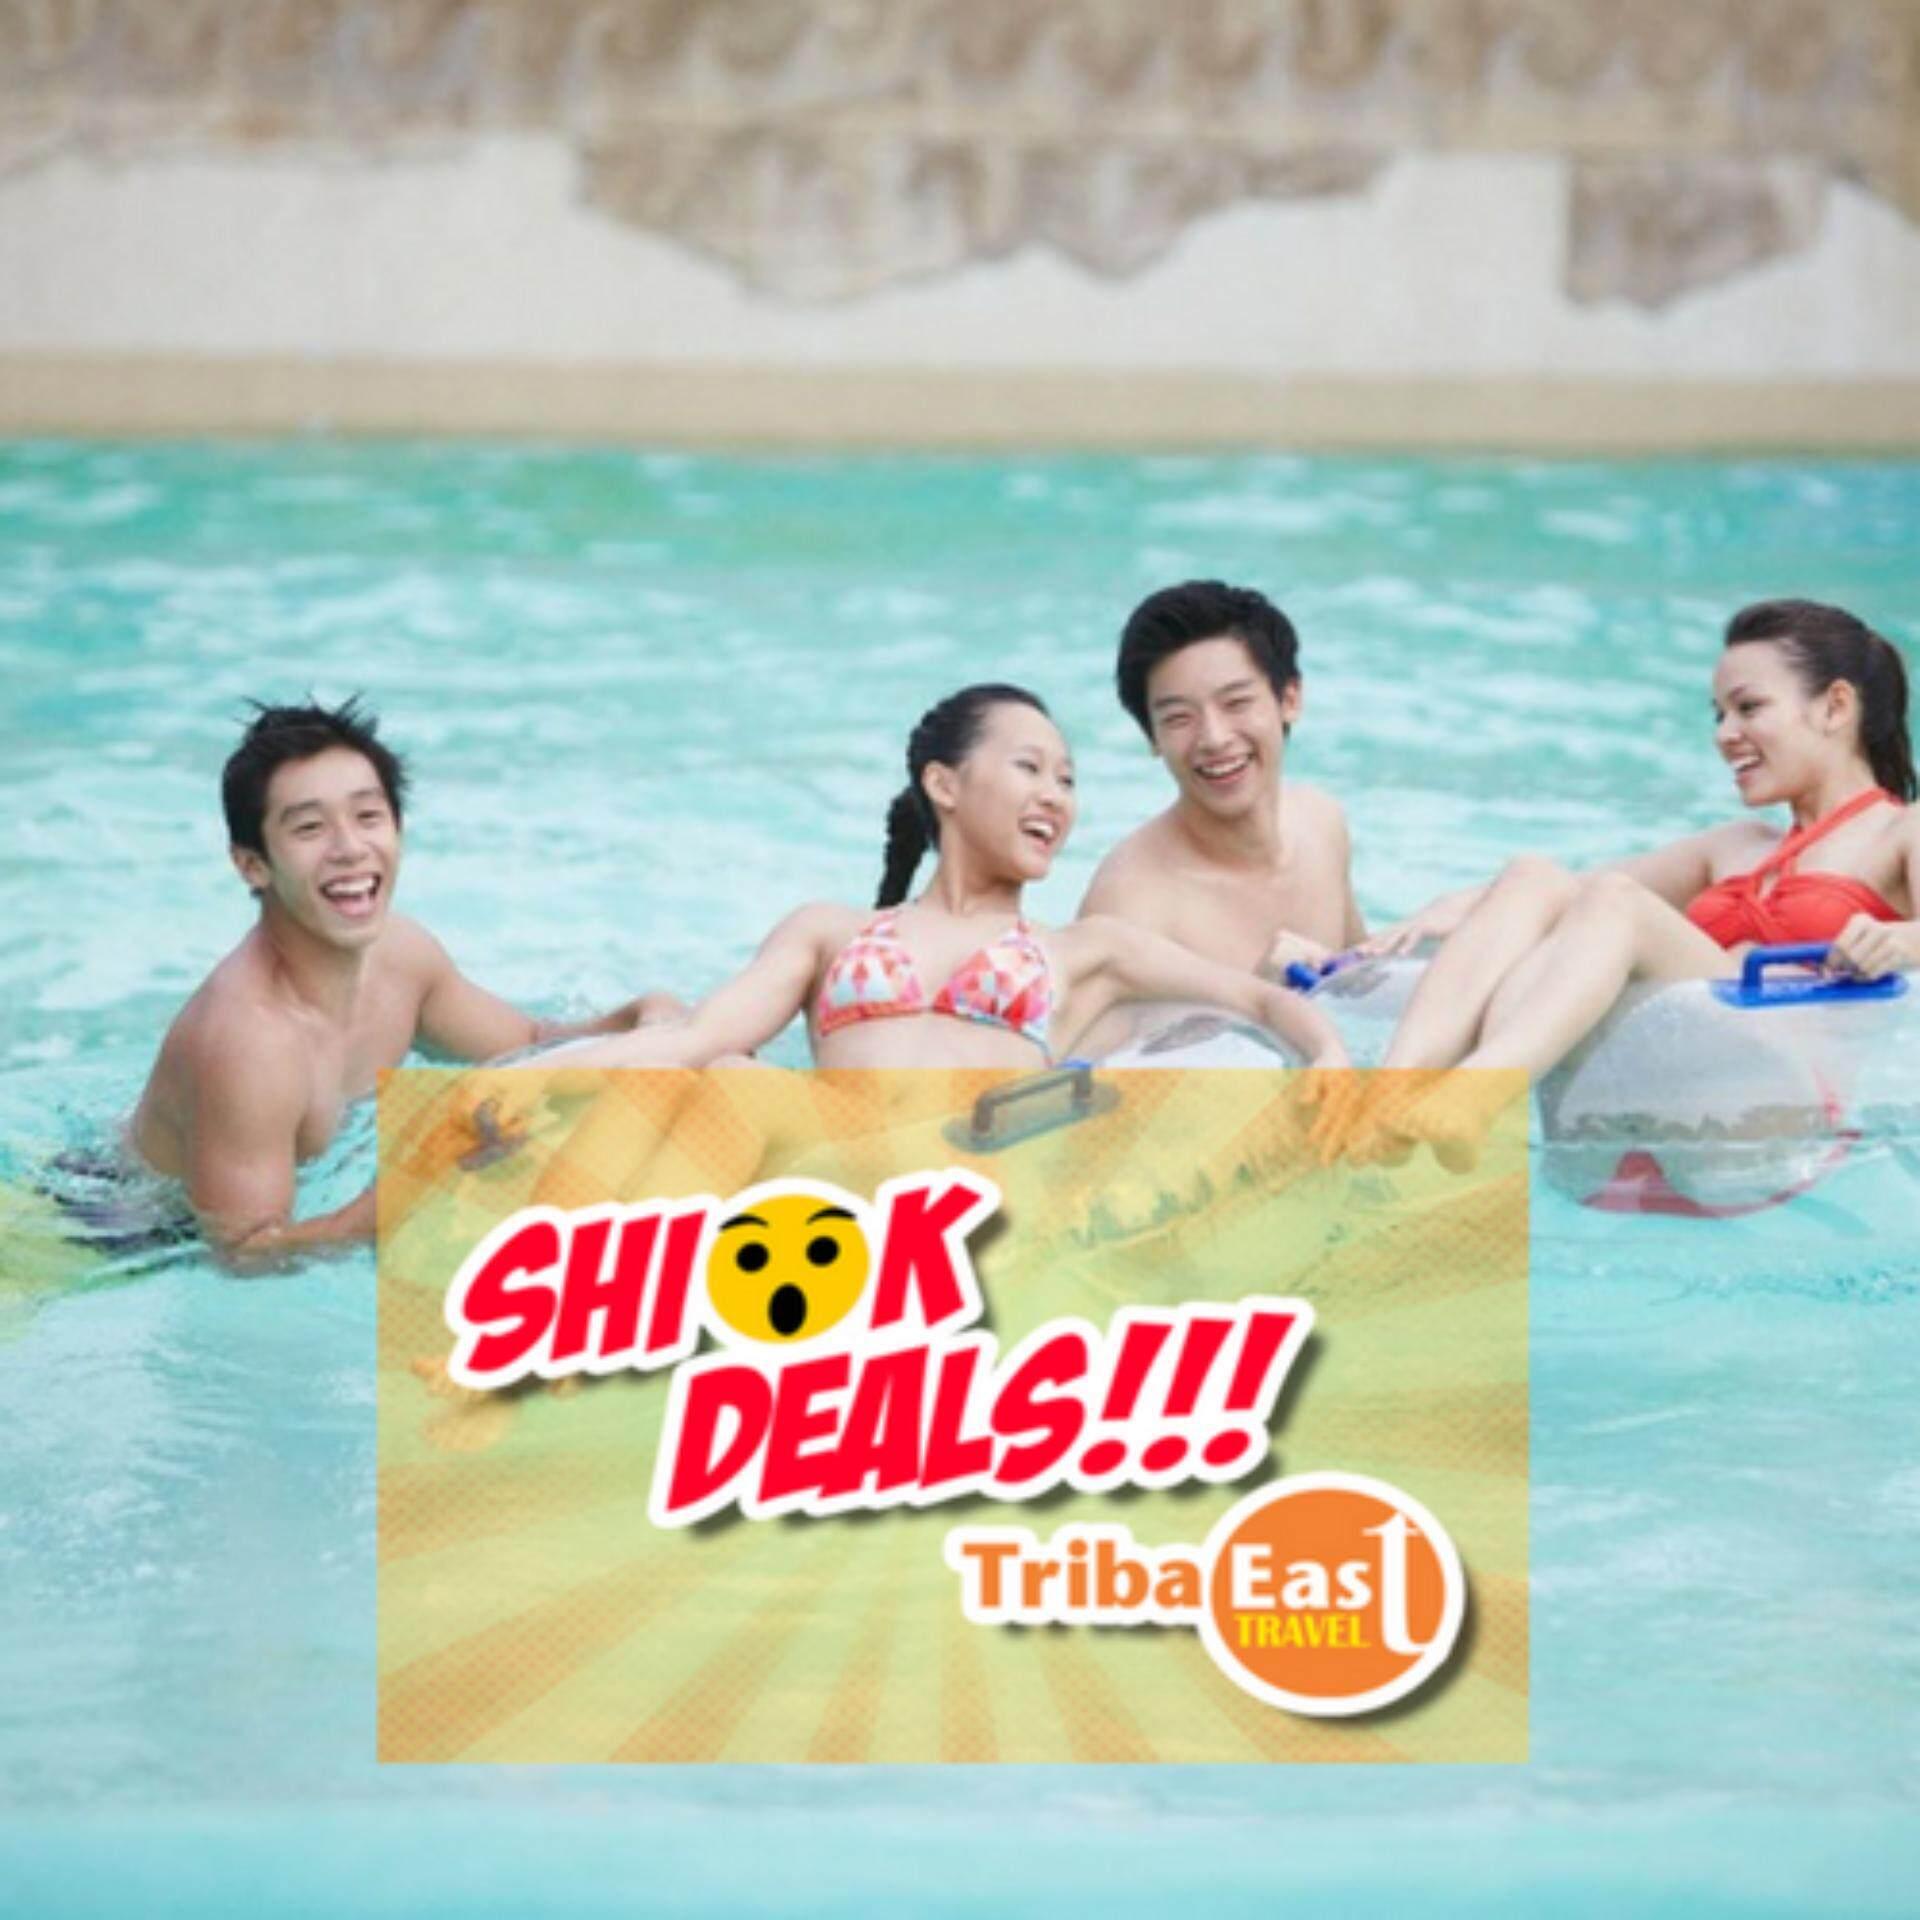 Digital Vouchers Theme Park Buy At Singapore Et Tiket Adventure Cove Waterpark Child